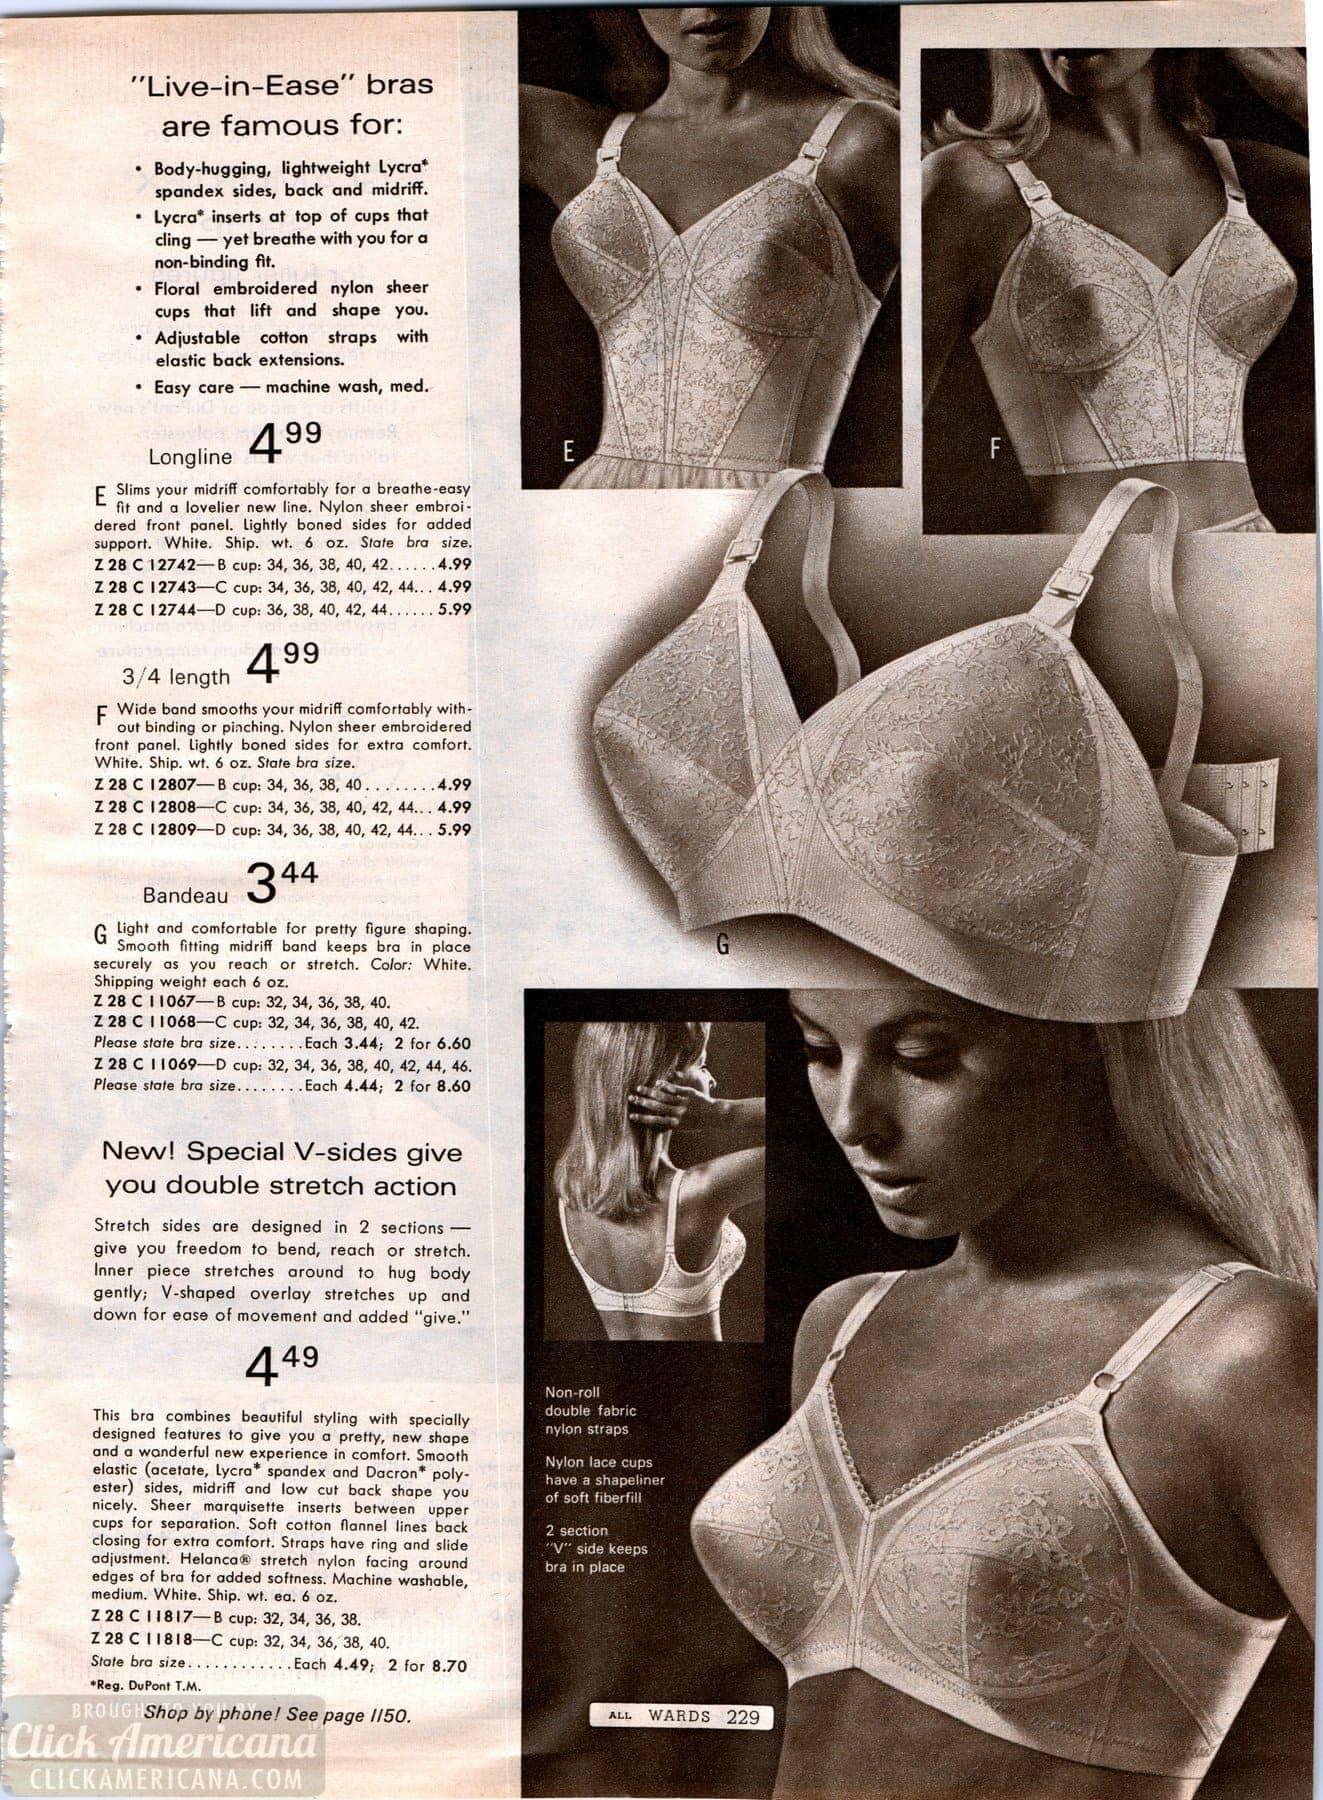 786ec29870e Vintage bra styles from 1968 - Wards catalog - Click Americana